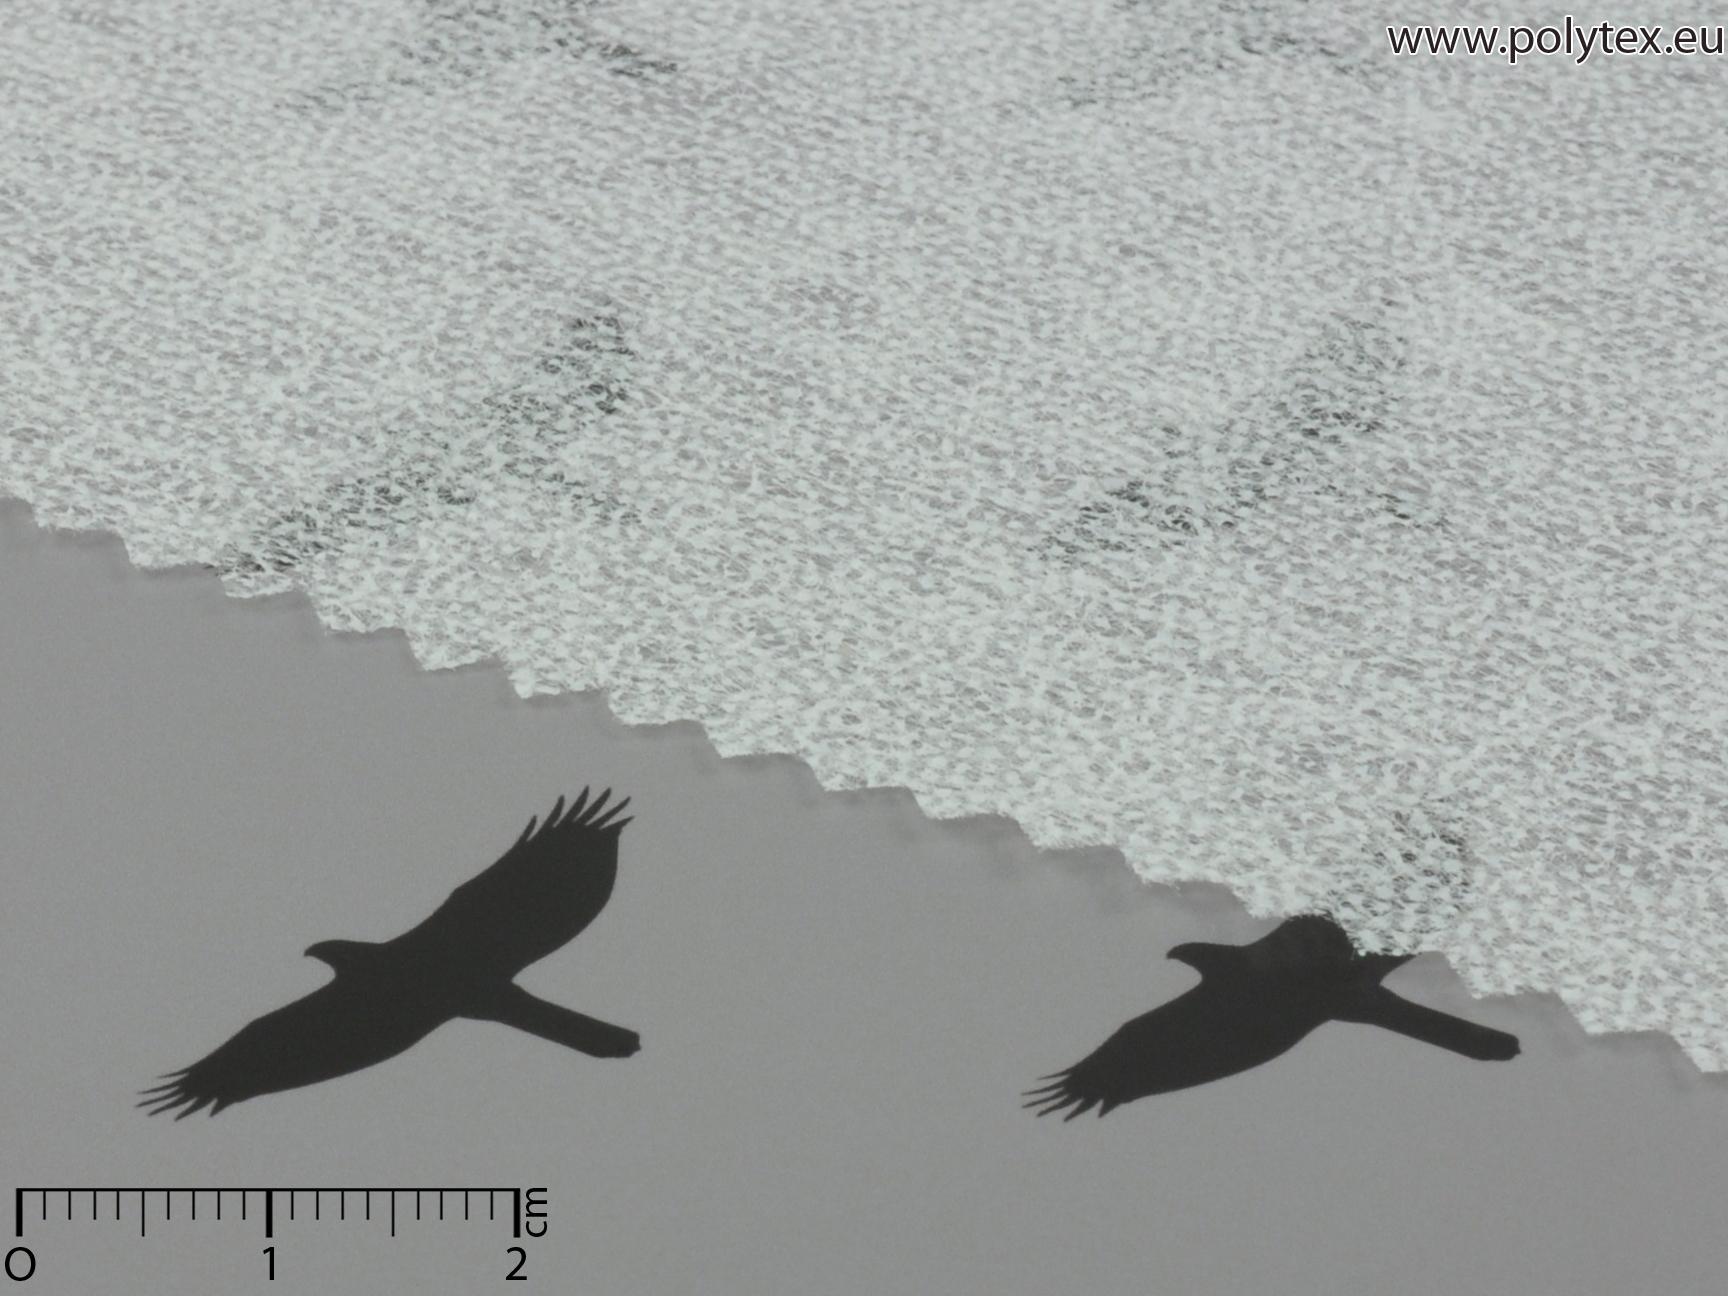 NOVOPAST bílý, 20+15+15 g/m2 – role 30 bm, šíře 85 cm – užší šíře